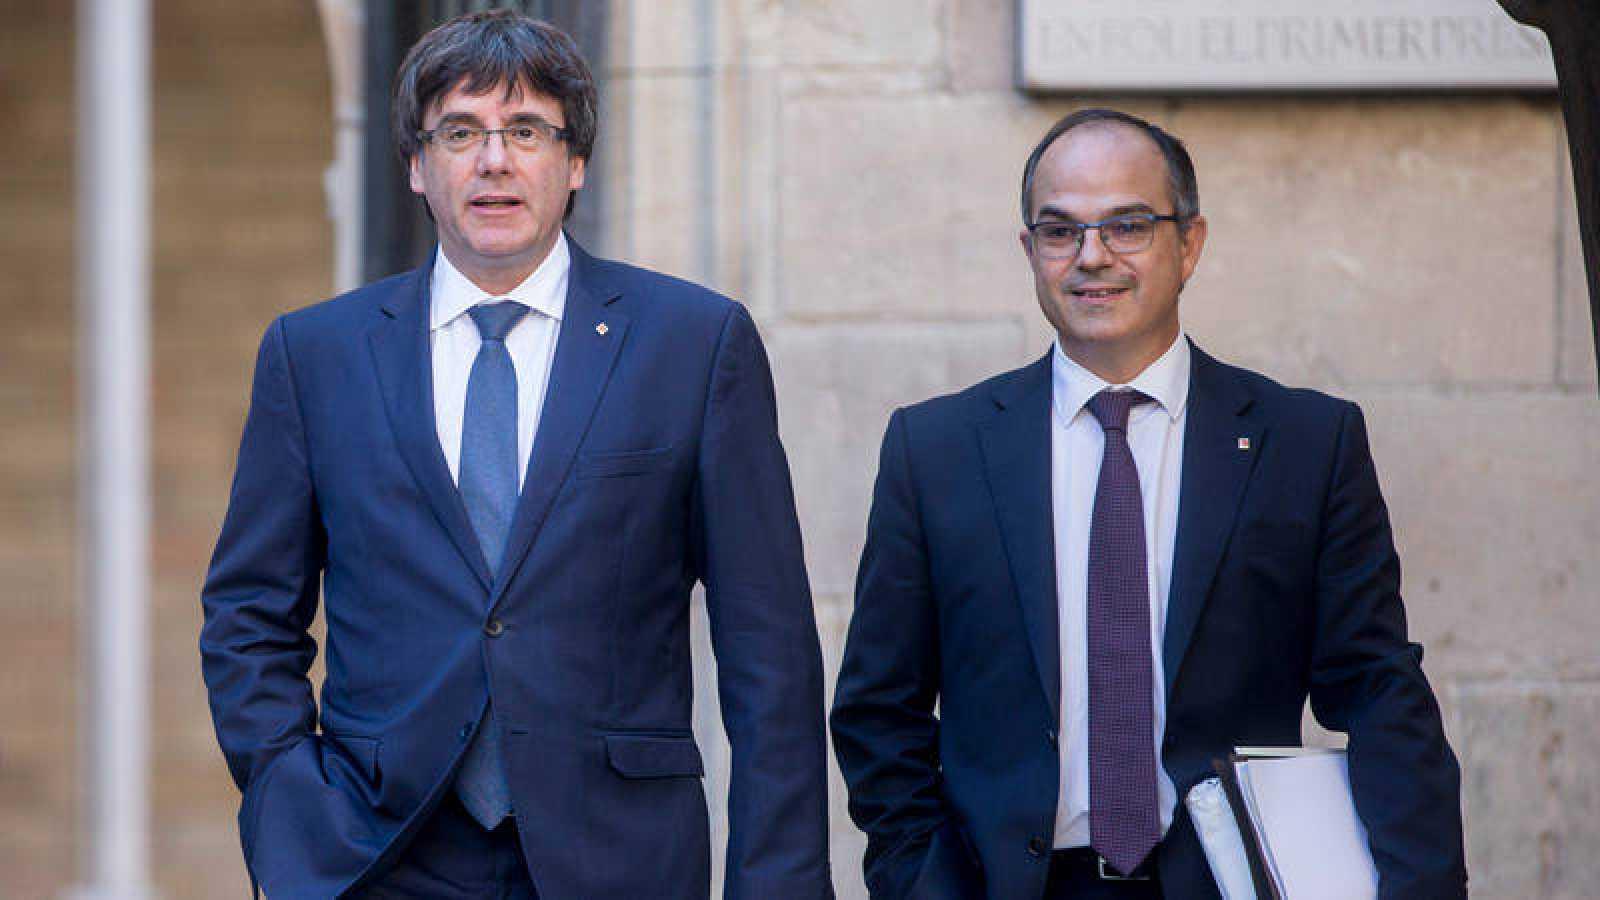 El presidente de la Generalitat, Carles Puigdemont, junto al conseller de Presidencia, Jordi Turull